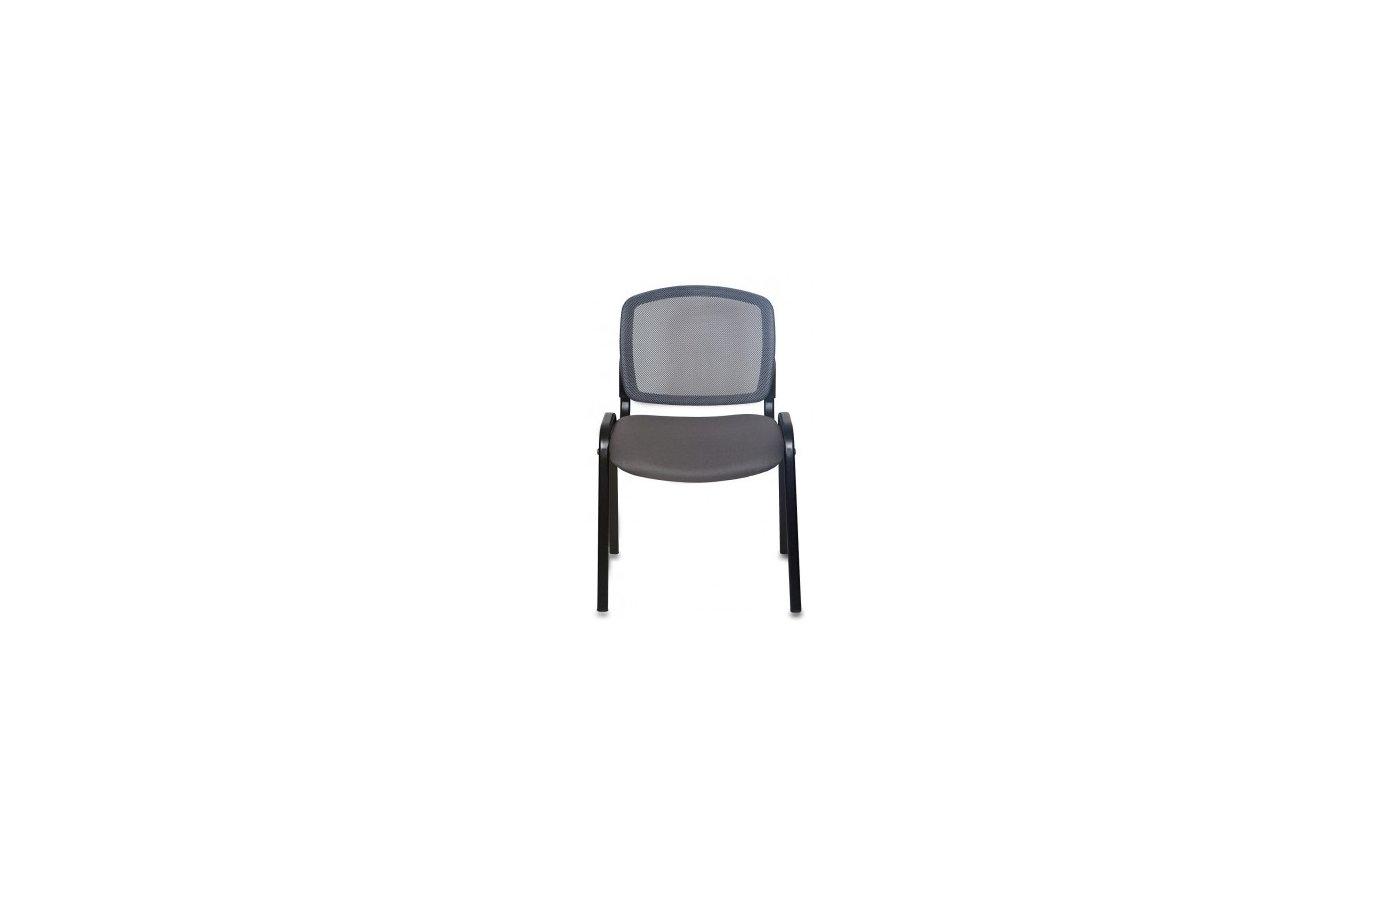 Бюрократ стул Вики/DG/15-13 спинка сетка темно-серый сиденье серый 15-13